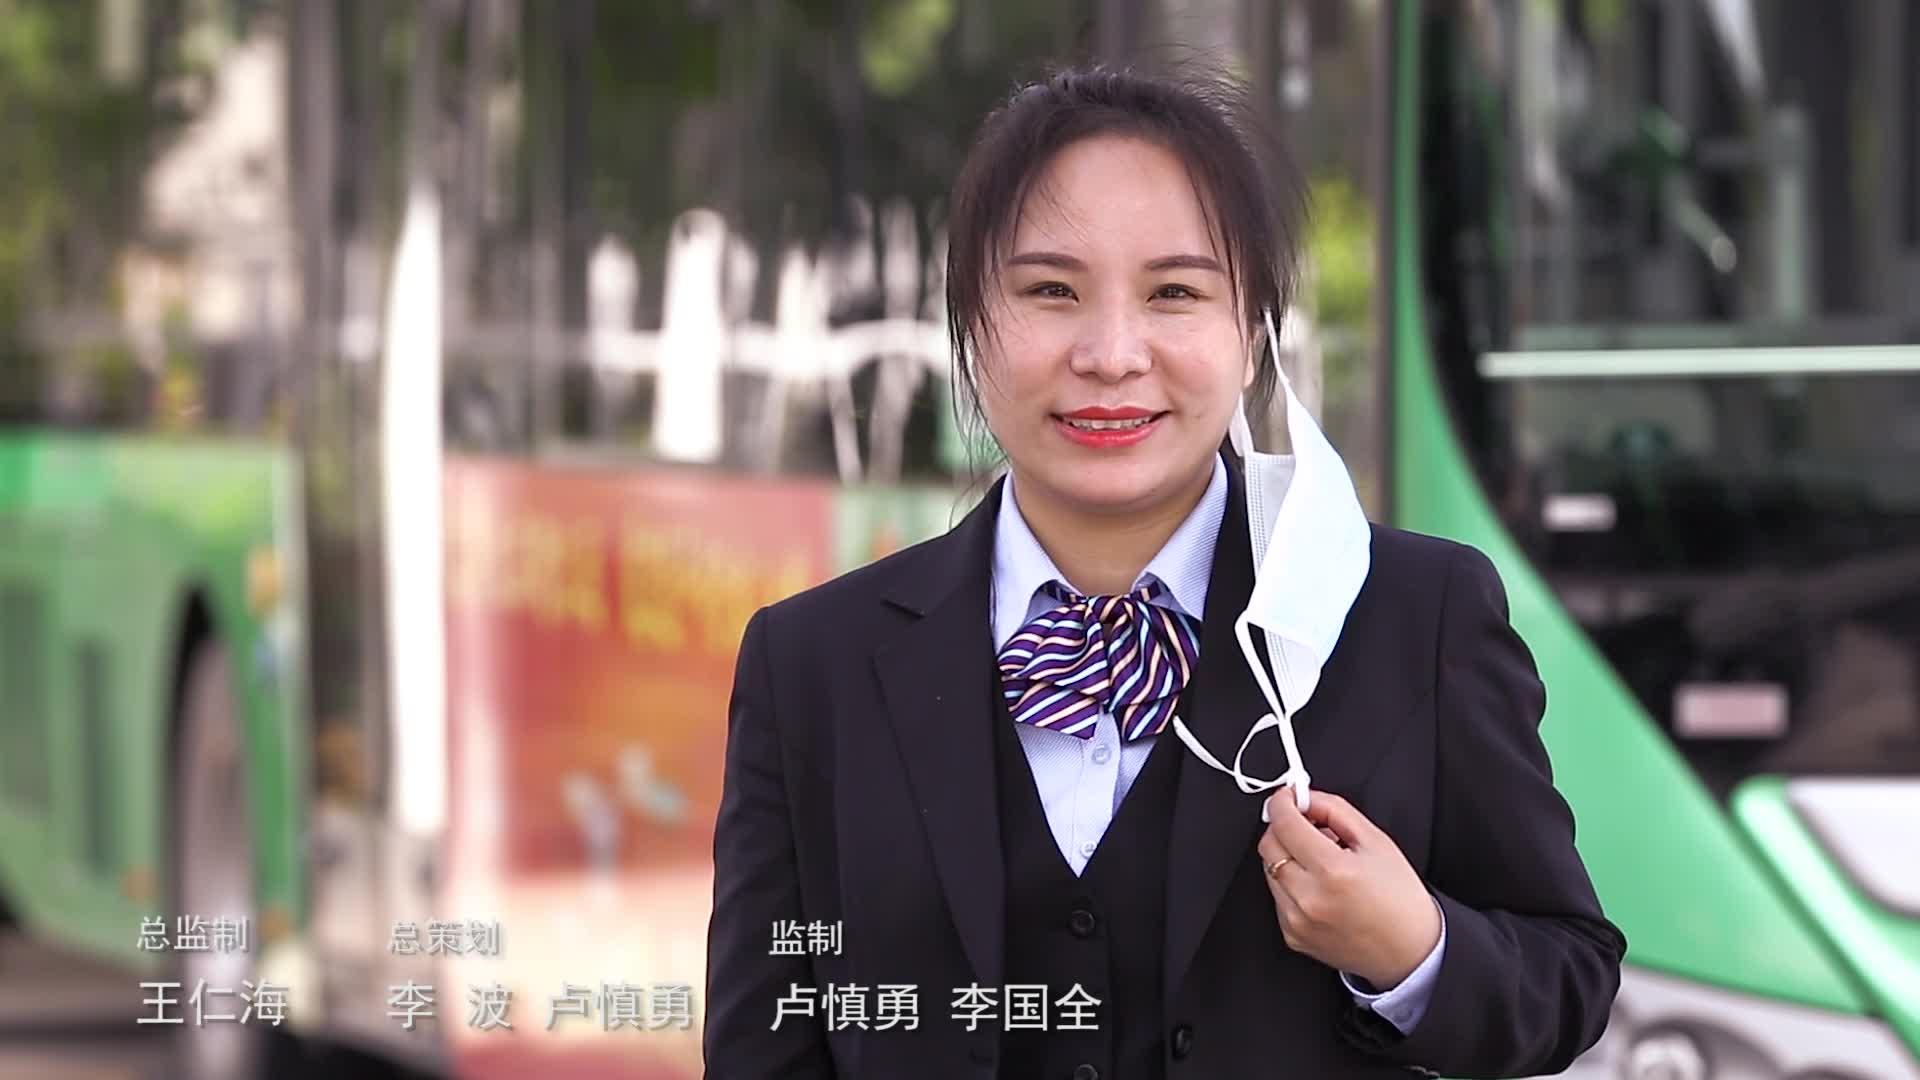 《再出发 更精彩——公交车长黄菲.》